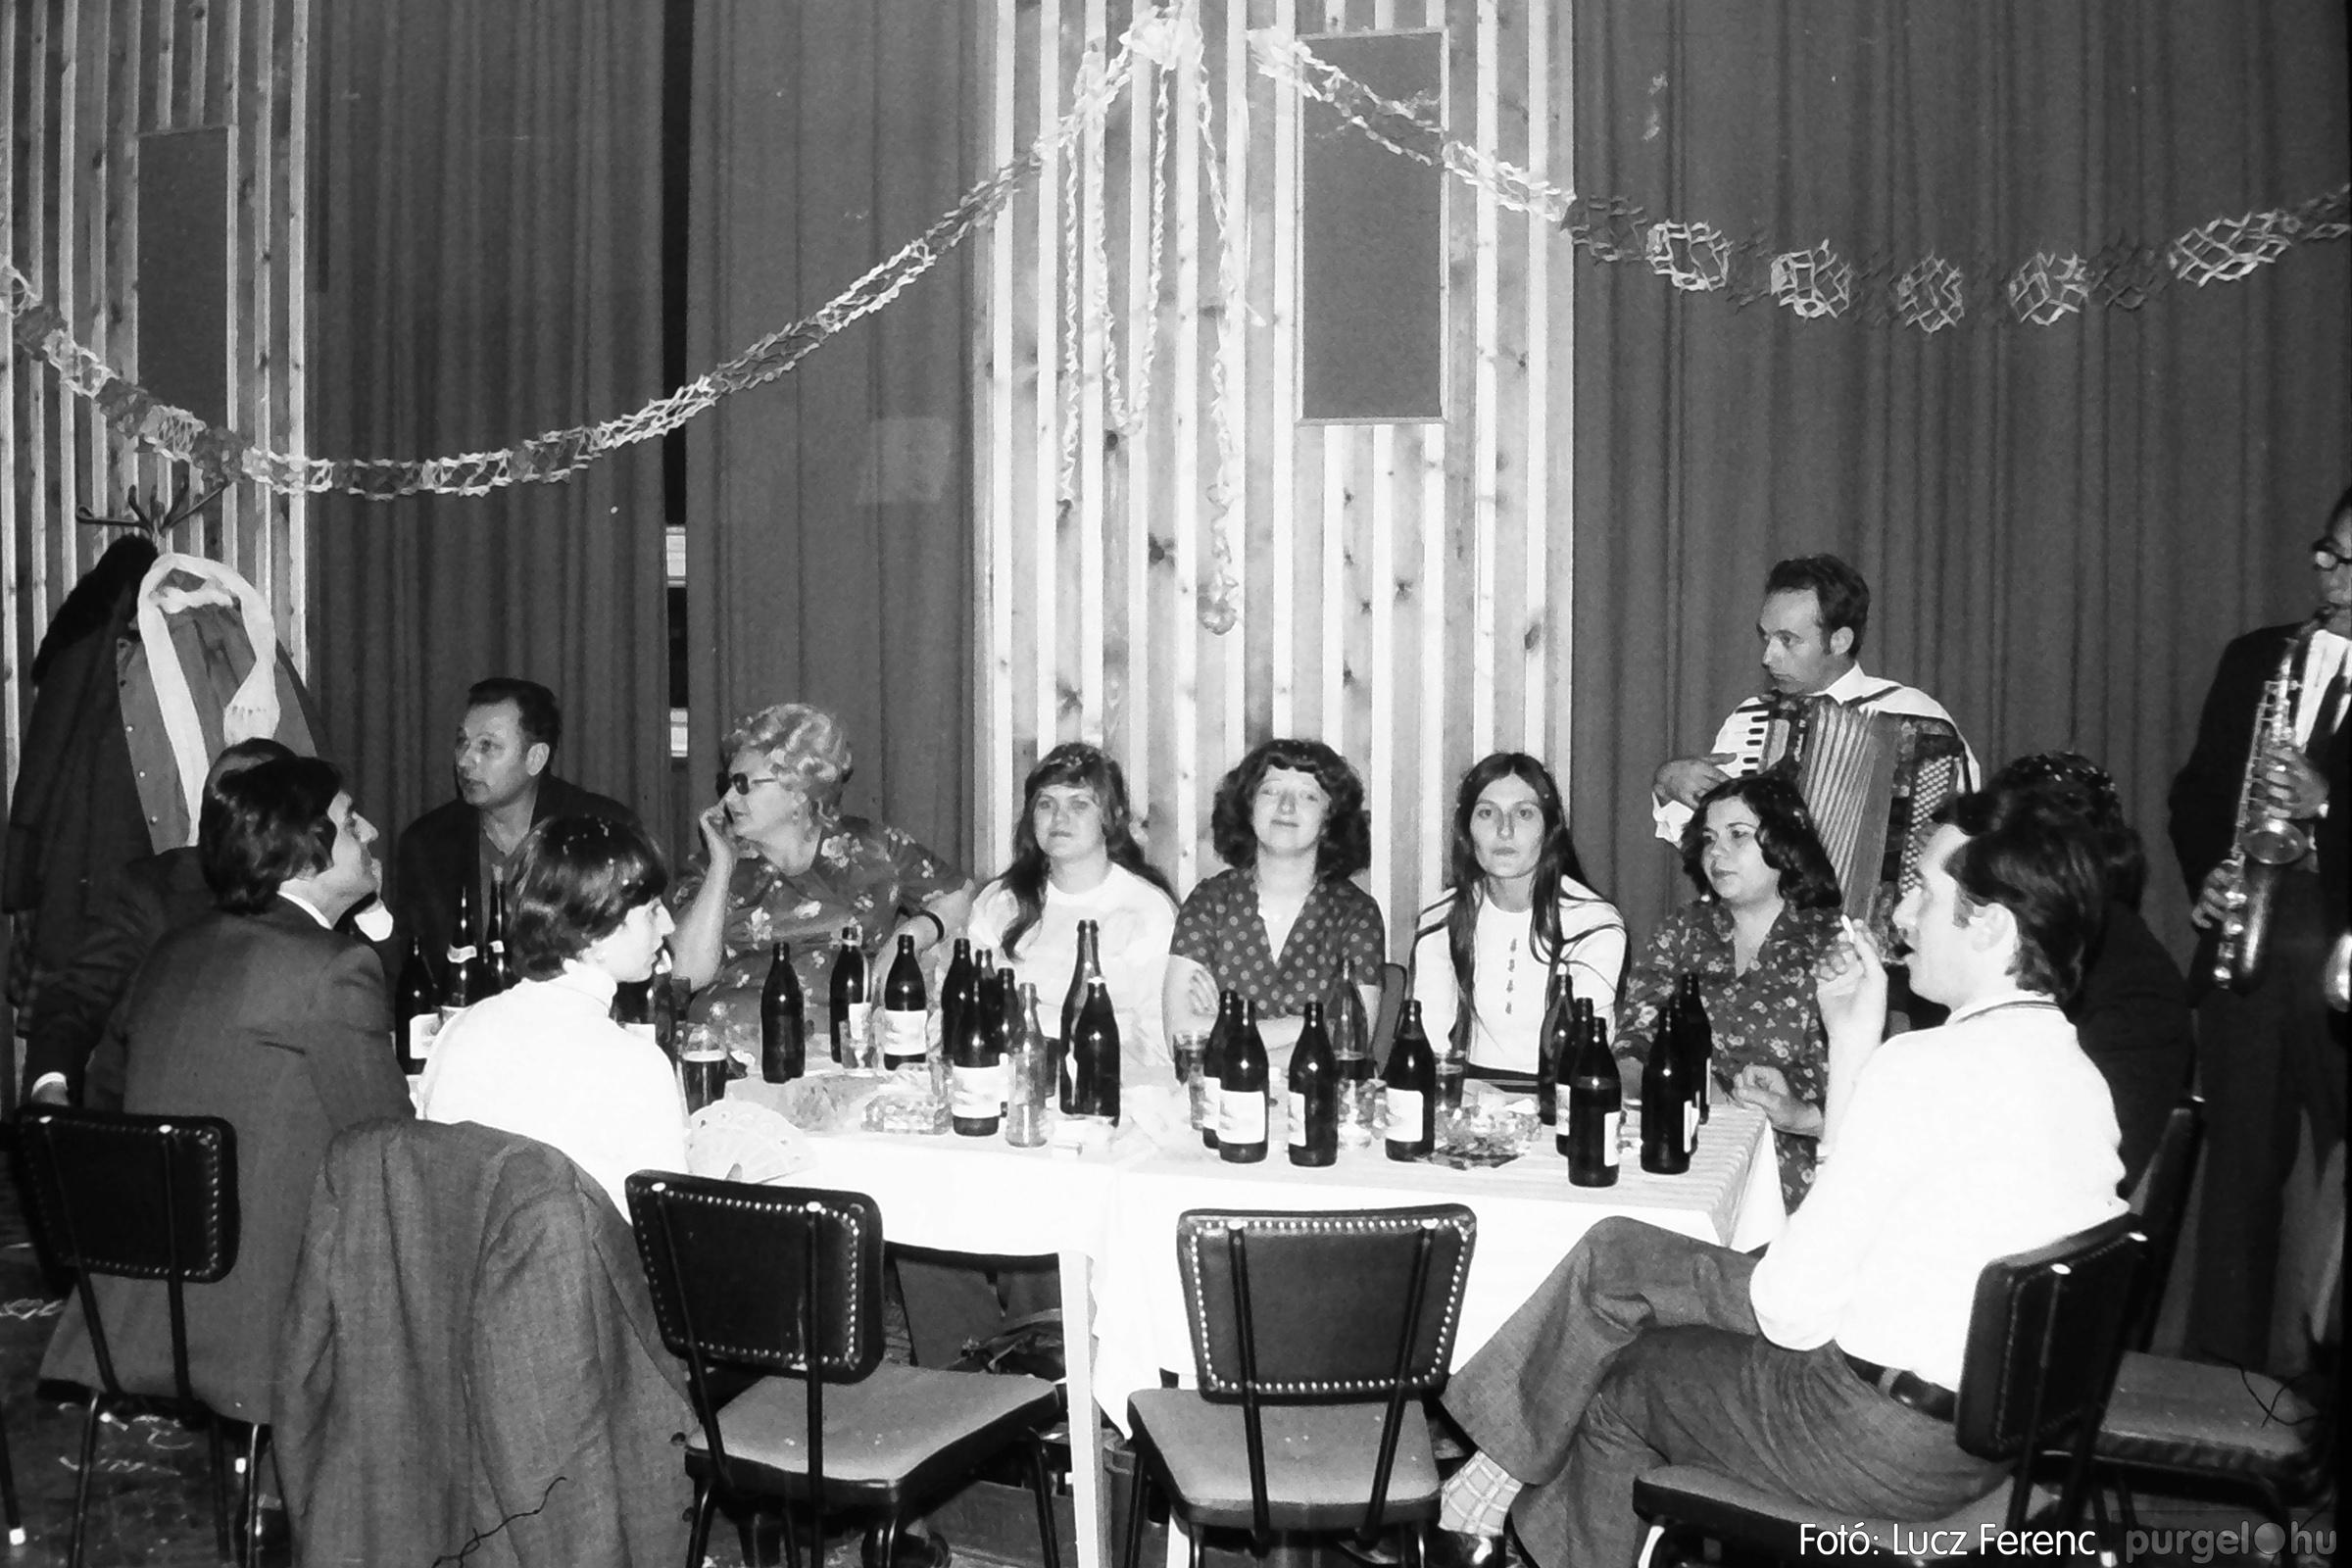 097. 1977.12.31. Szilveszter a kultúrházban 008. - Fotó: Lucz Ferenc.jpg